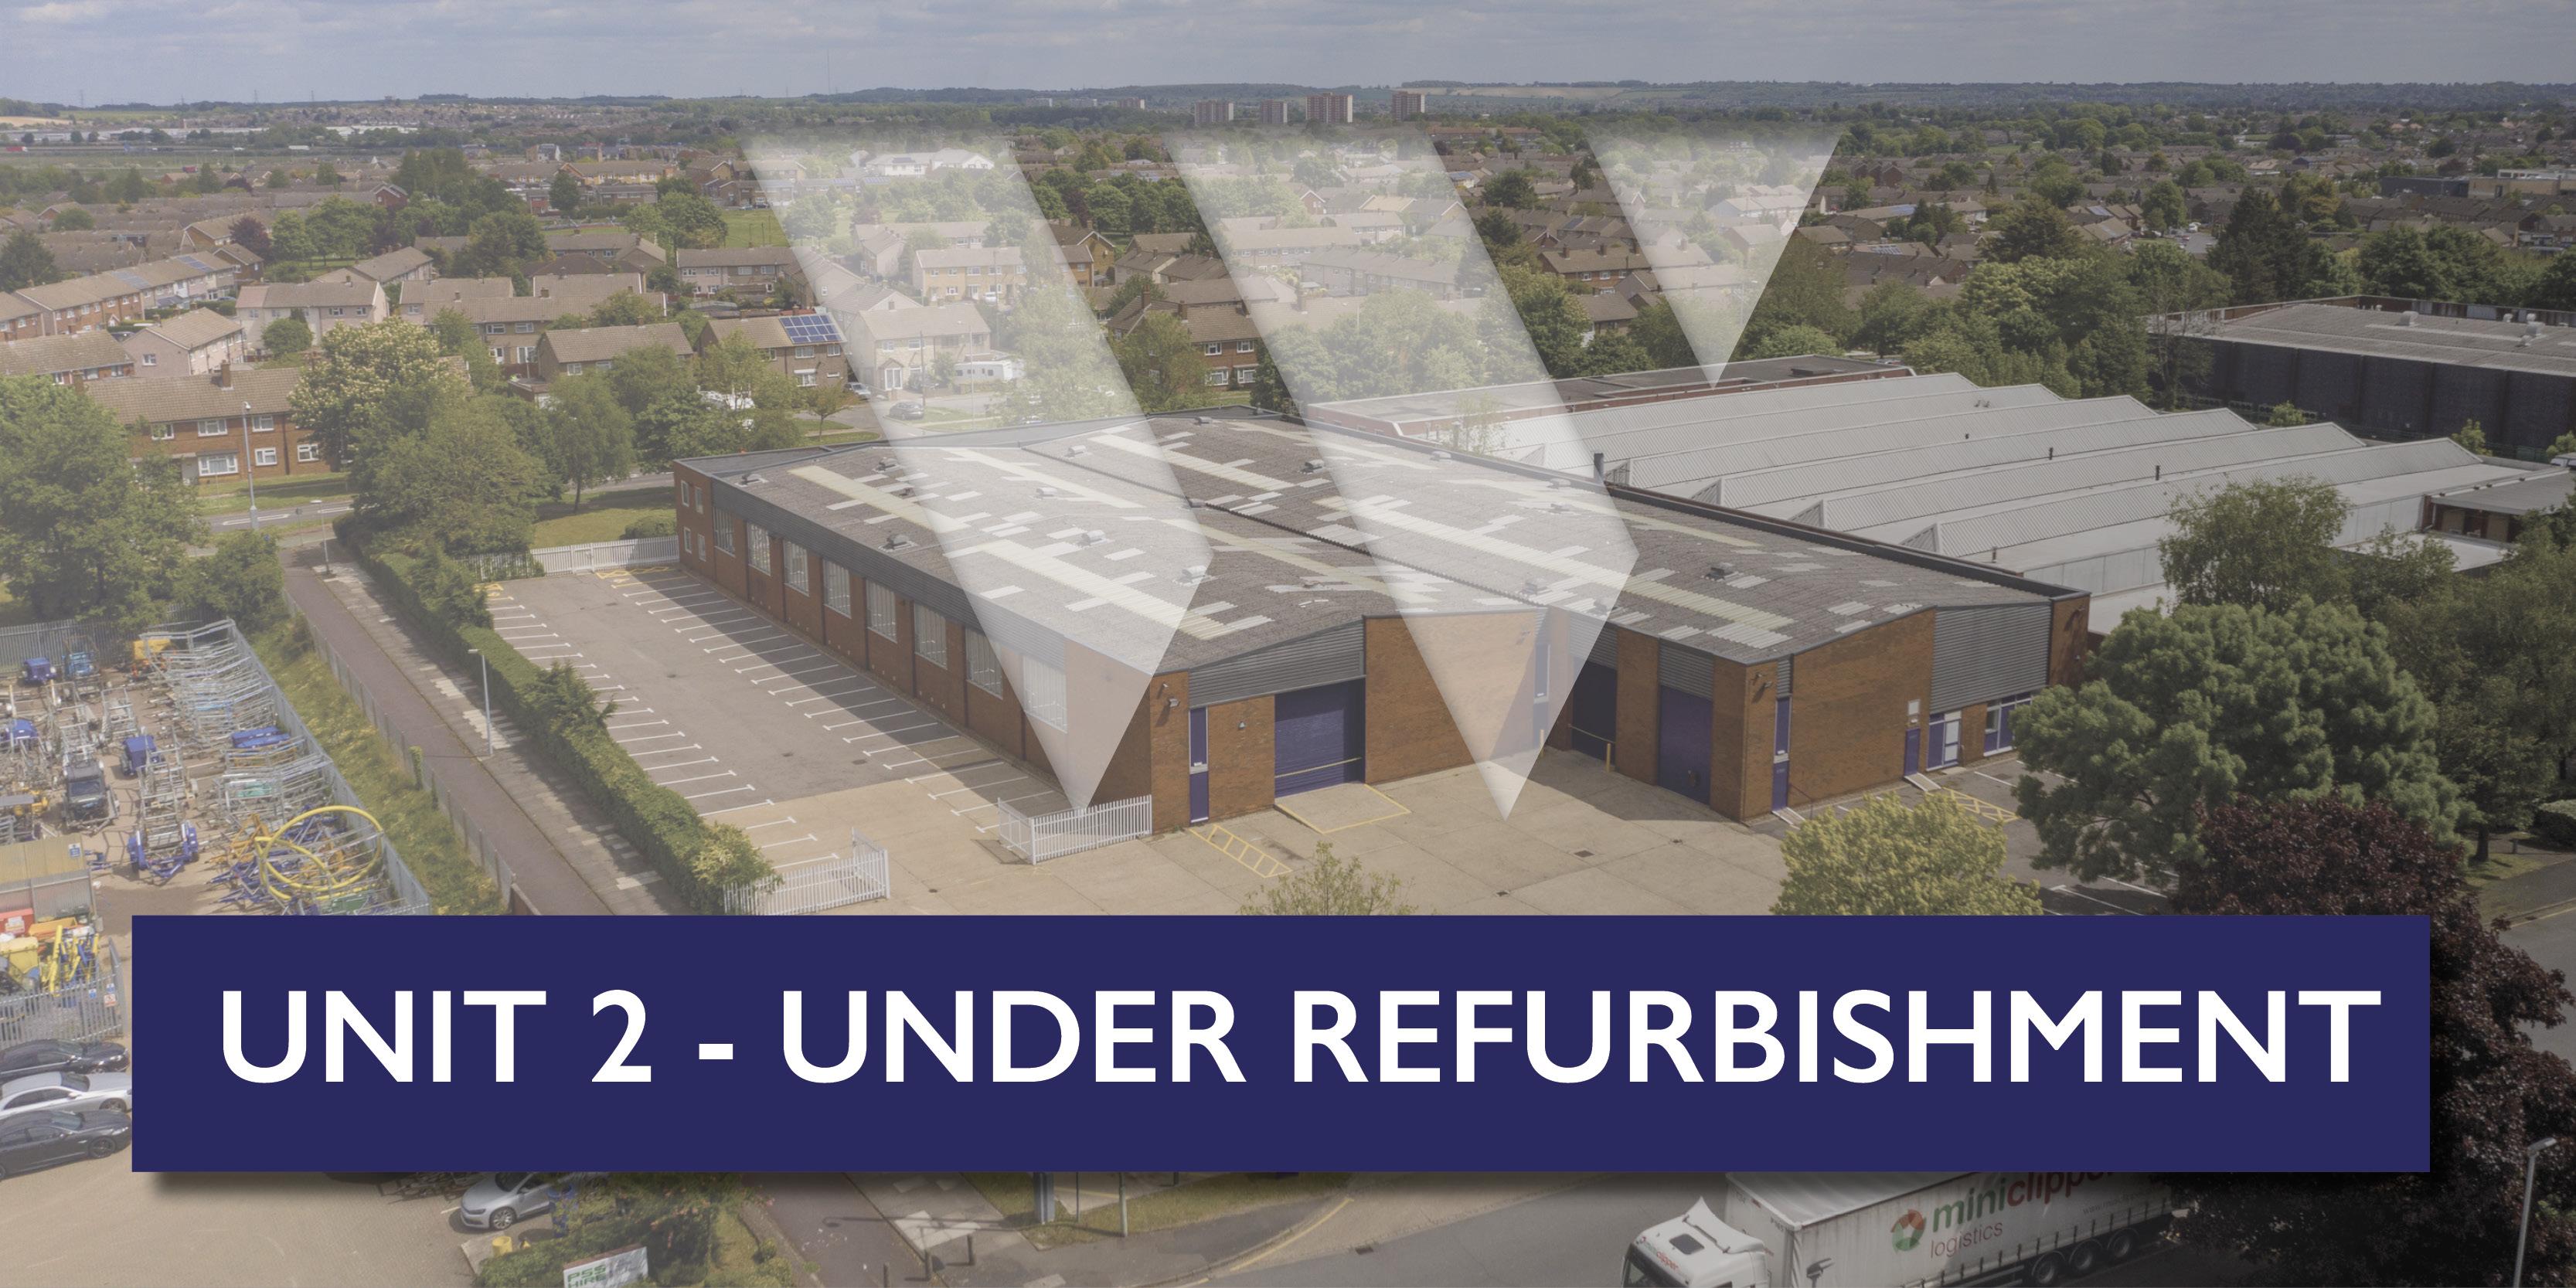 Unit 2 – Under Refurbishment